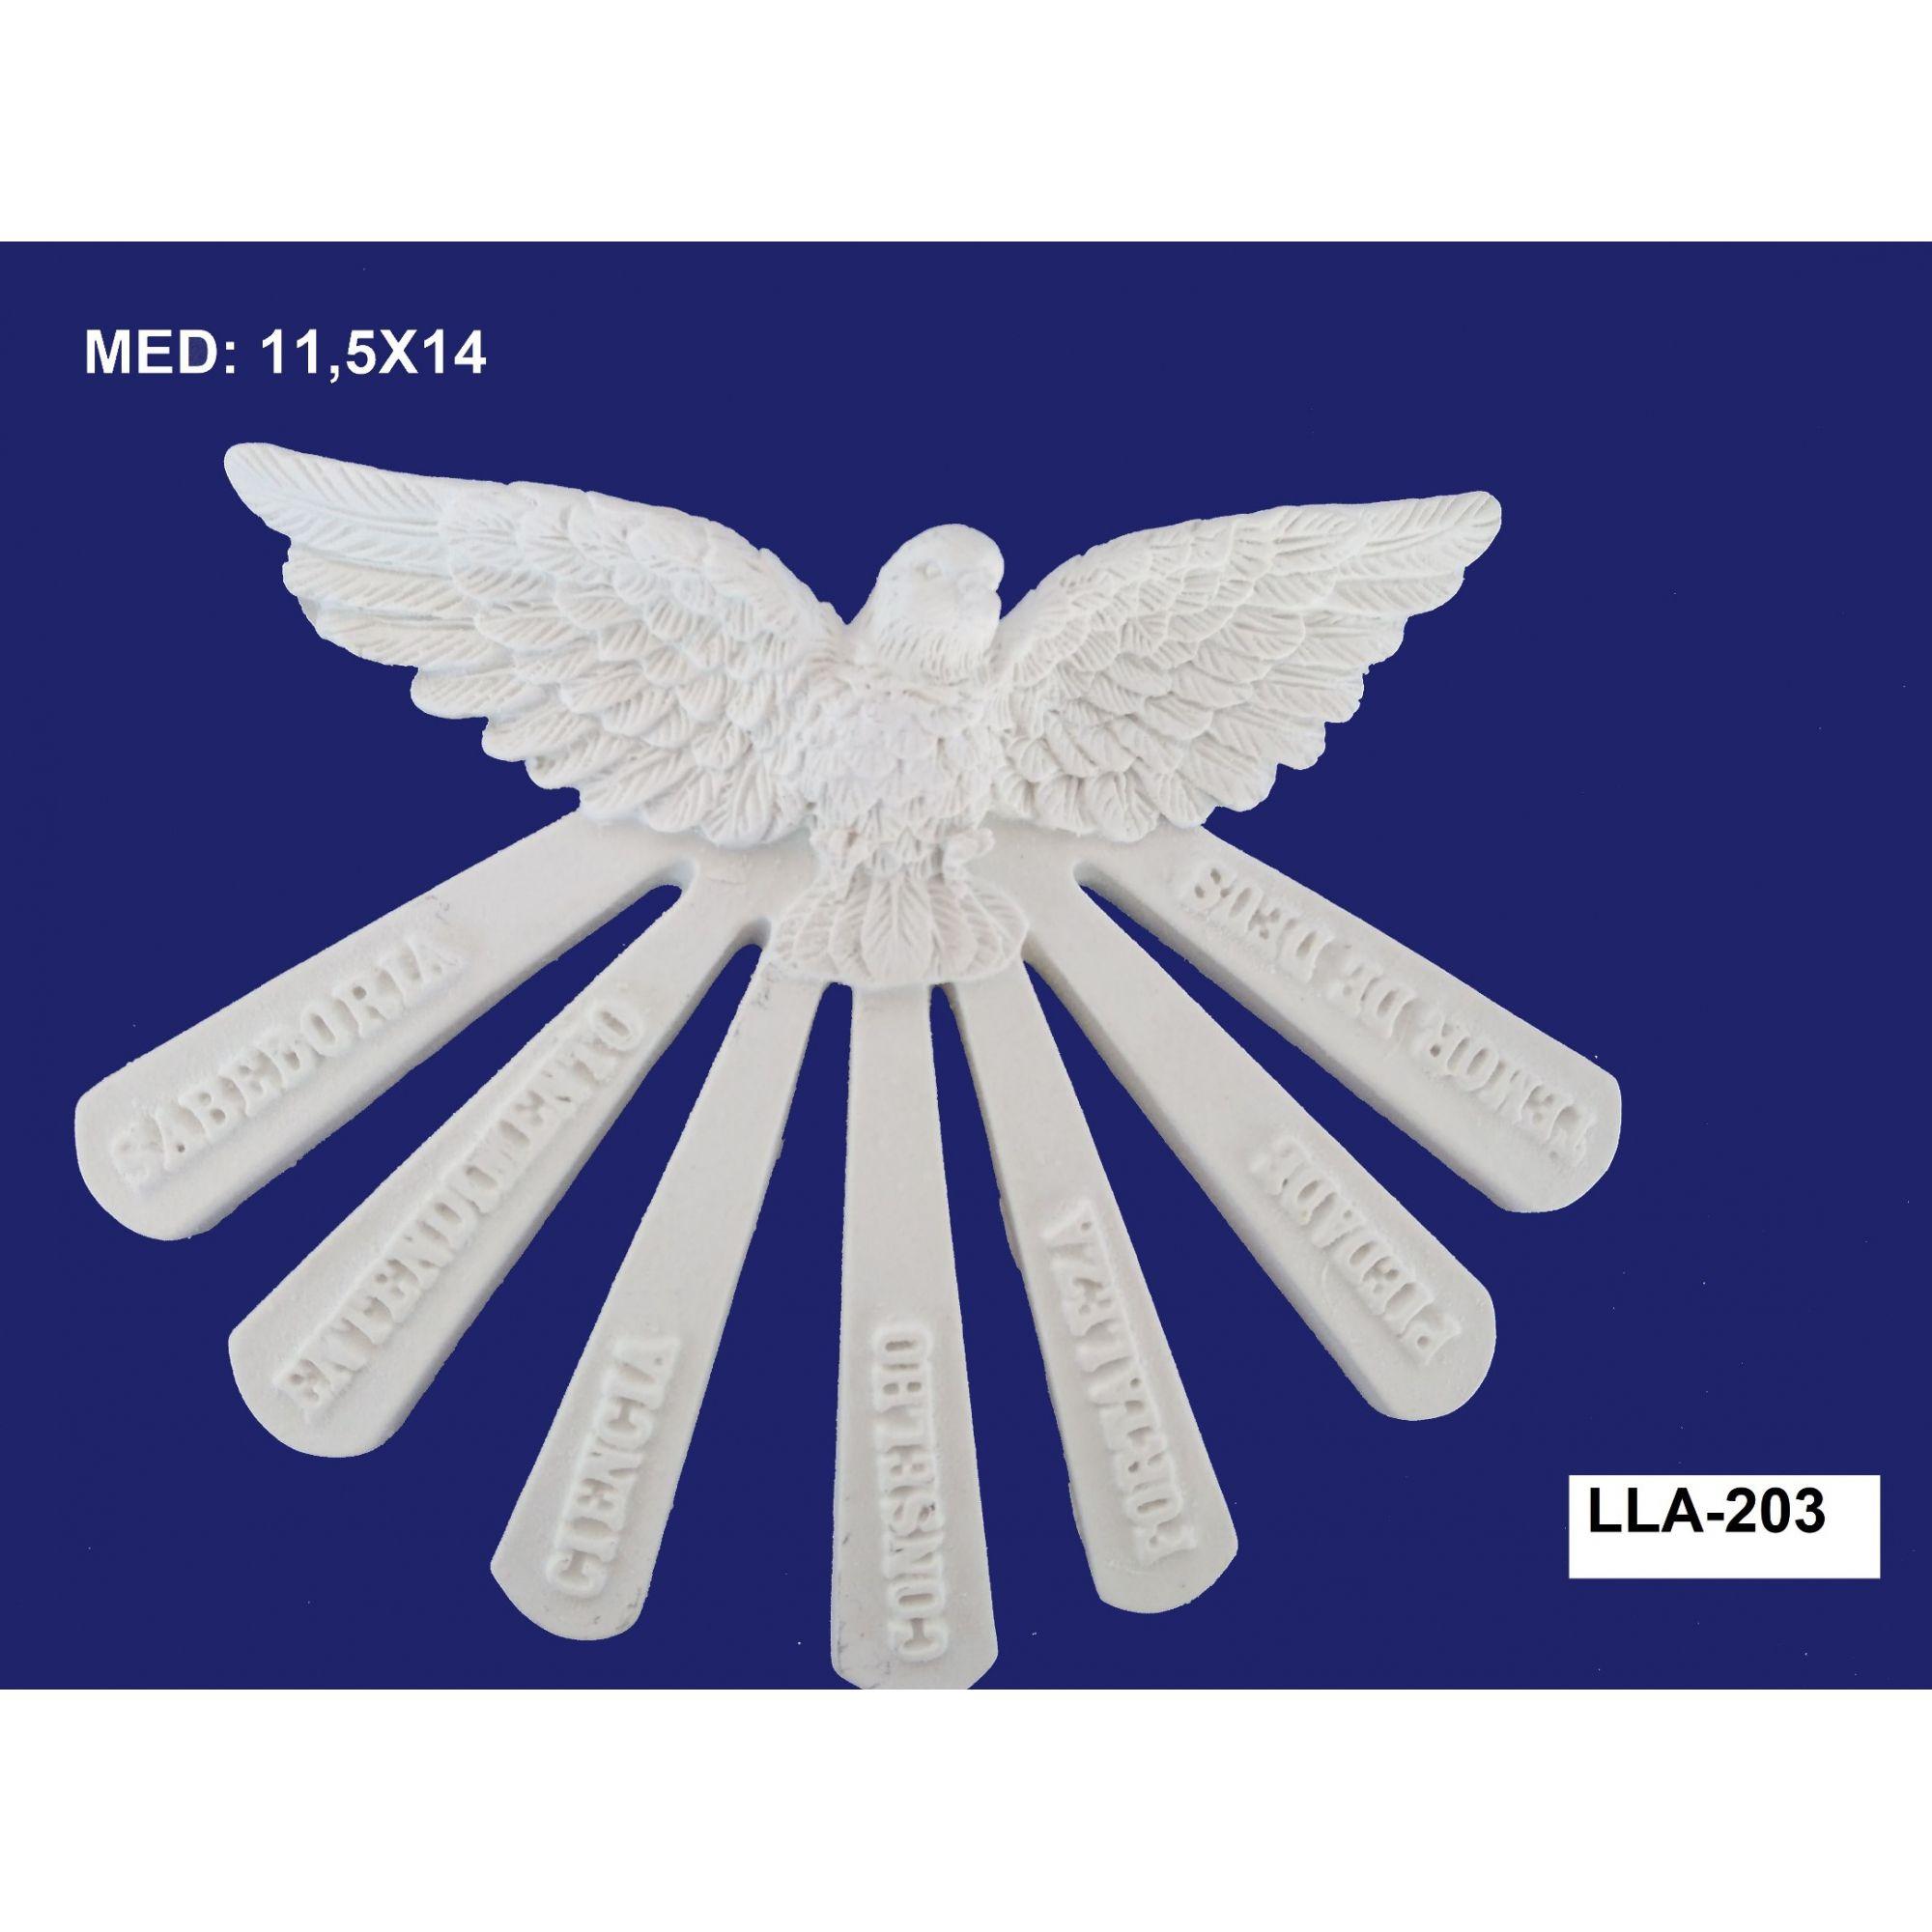 LLA-203 APLIQUE DIVINO C/ RAIO 11,5X14CM